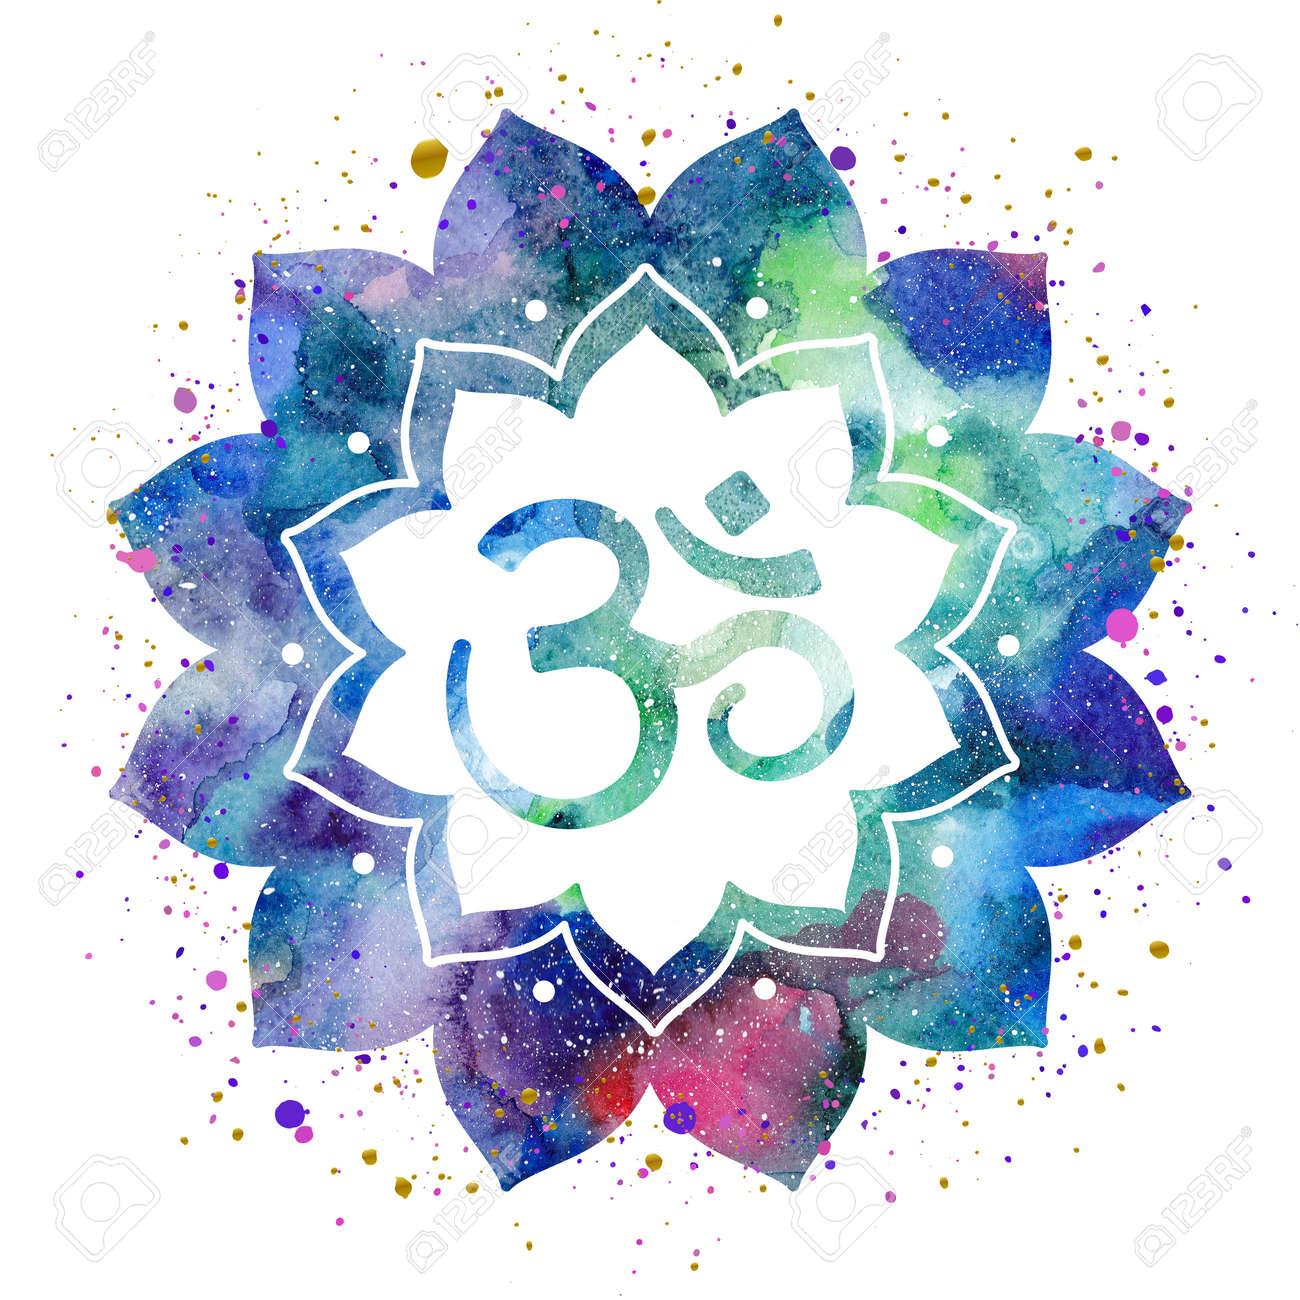 Om sign in lotus flower rainbow watercolor texture and splash om sign in lotus flower rainbow watercolor texture and splash isolated spiritual buddhist dhlflorist Gallery